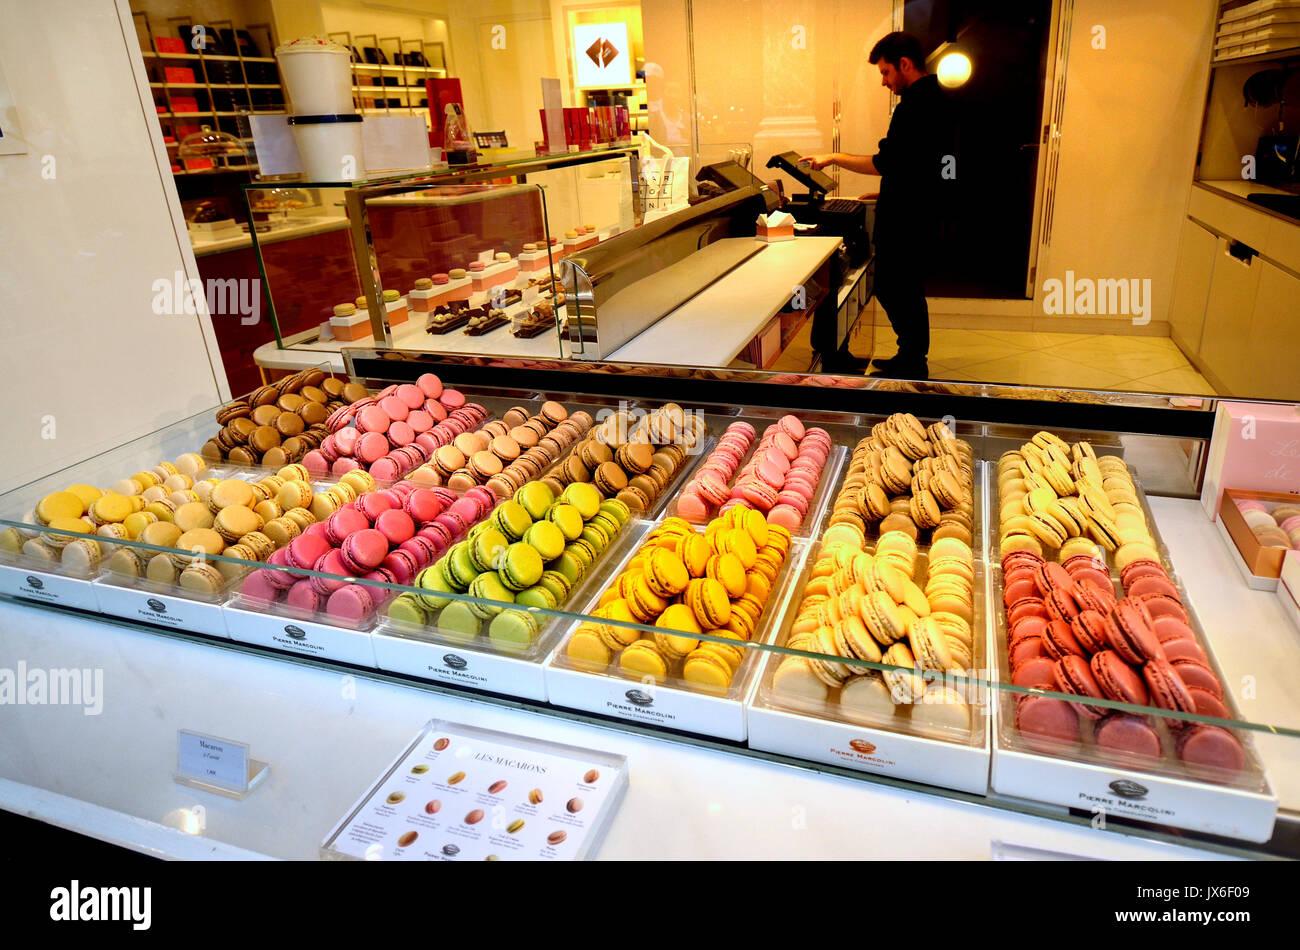 Brussels, Belgium. Macarons in the window of Delices du Roy in Galeries Royales Saint-Hubert / Koninklijke Sint-Hubertusgalerijen - Stock Image